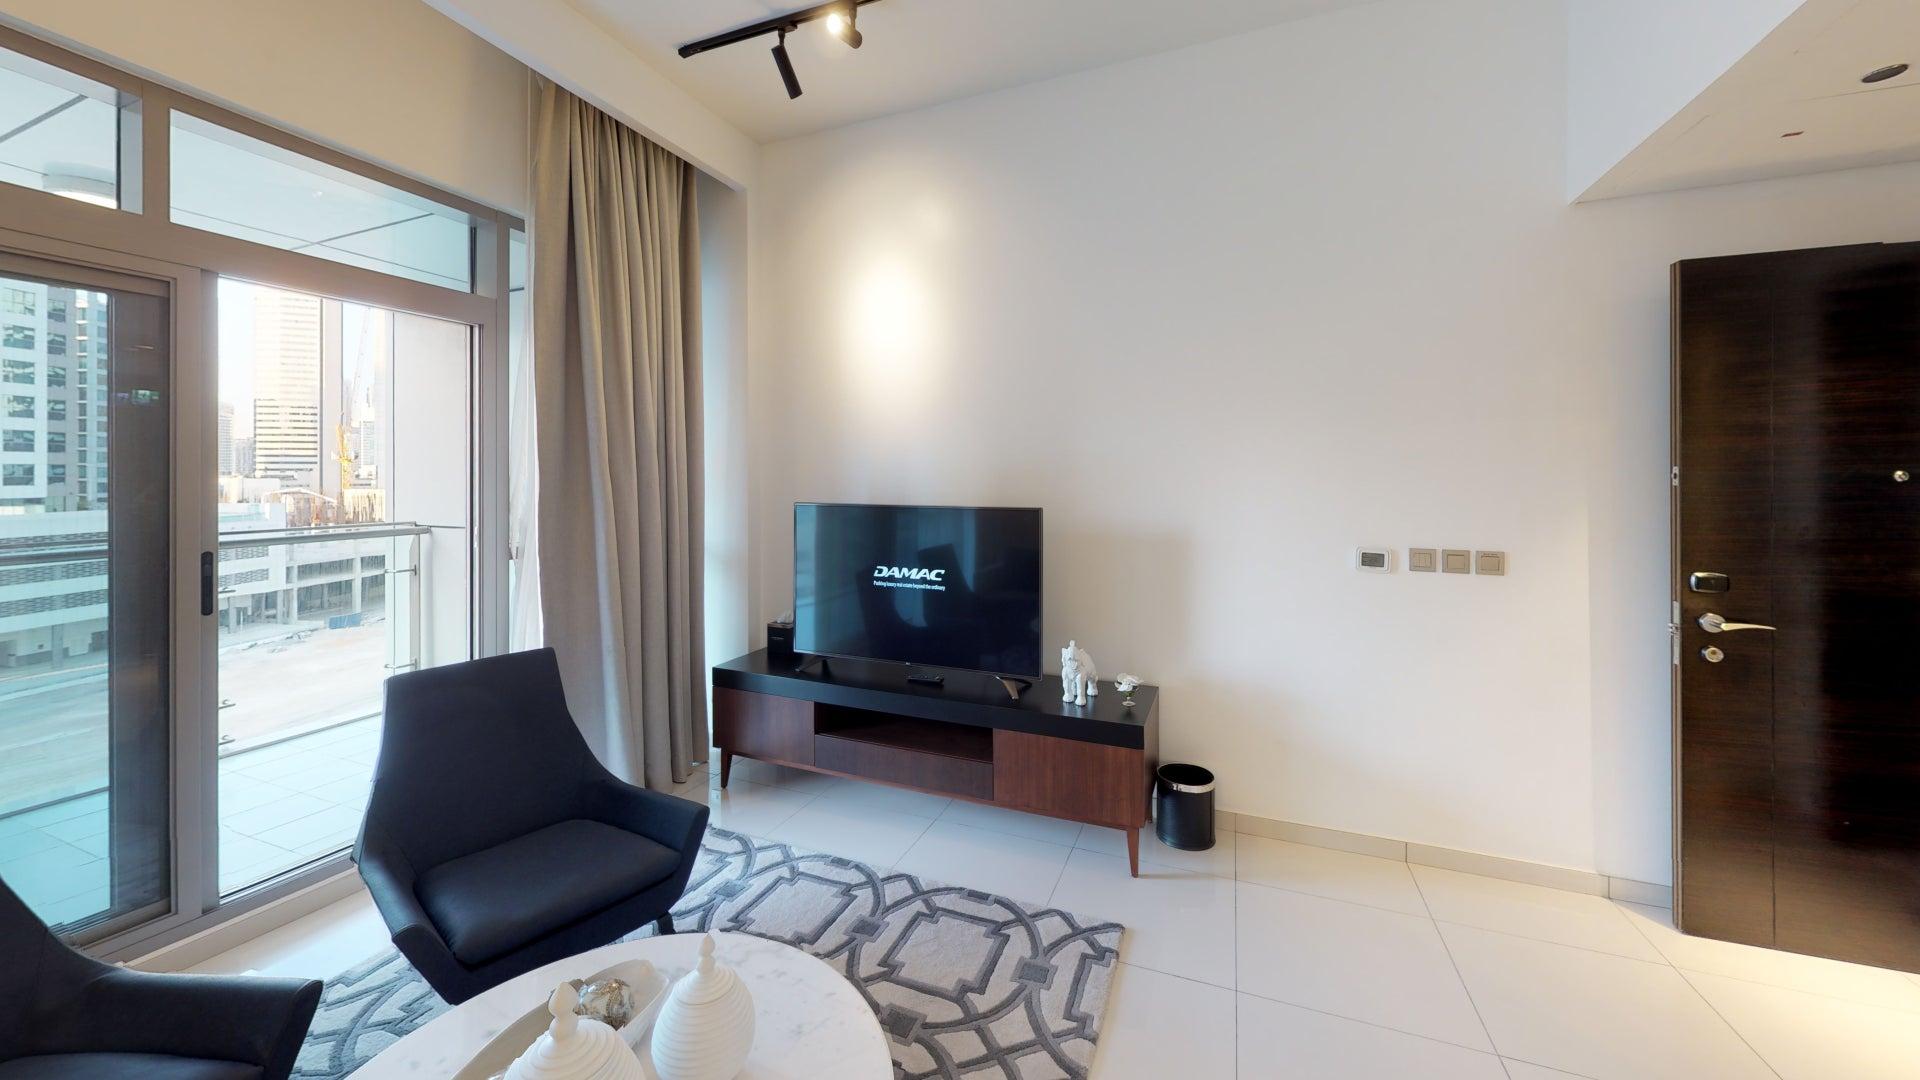 Apartamento en venta en Dubai, EAU, 2 dormitorios, 86 m2, № 24120 – foto 1